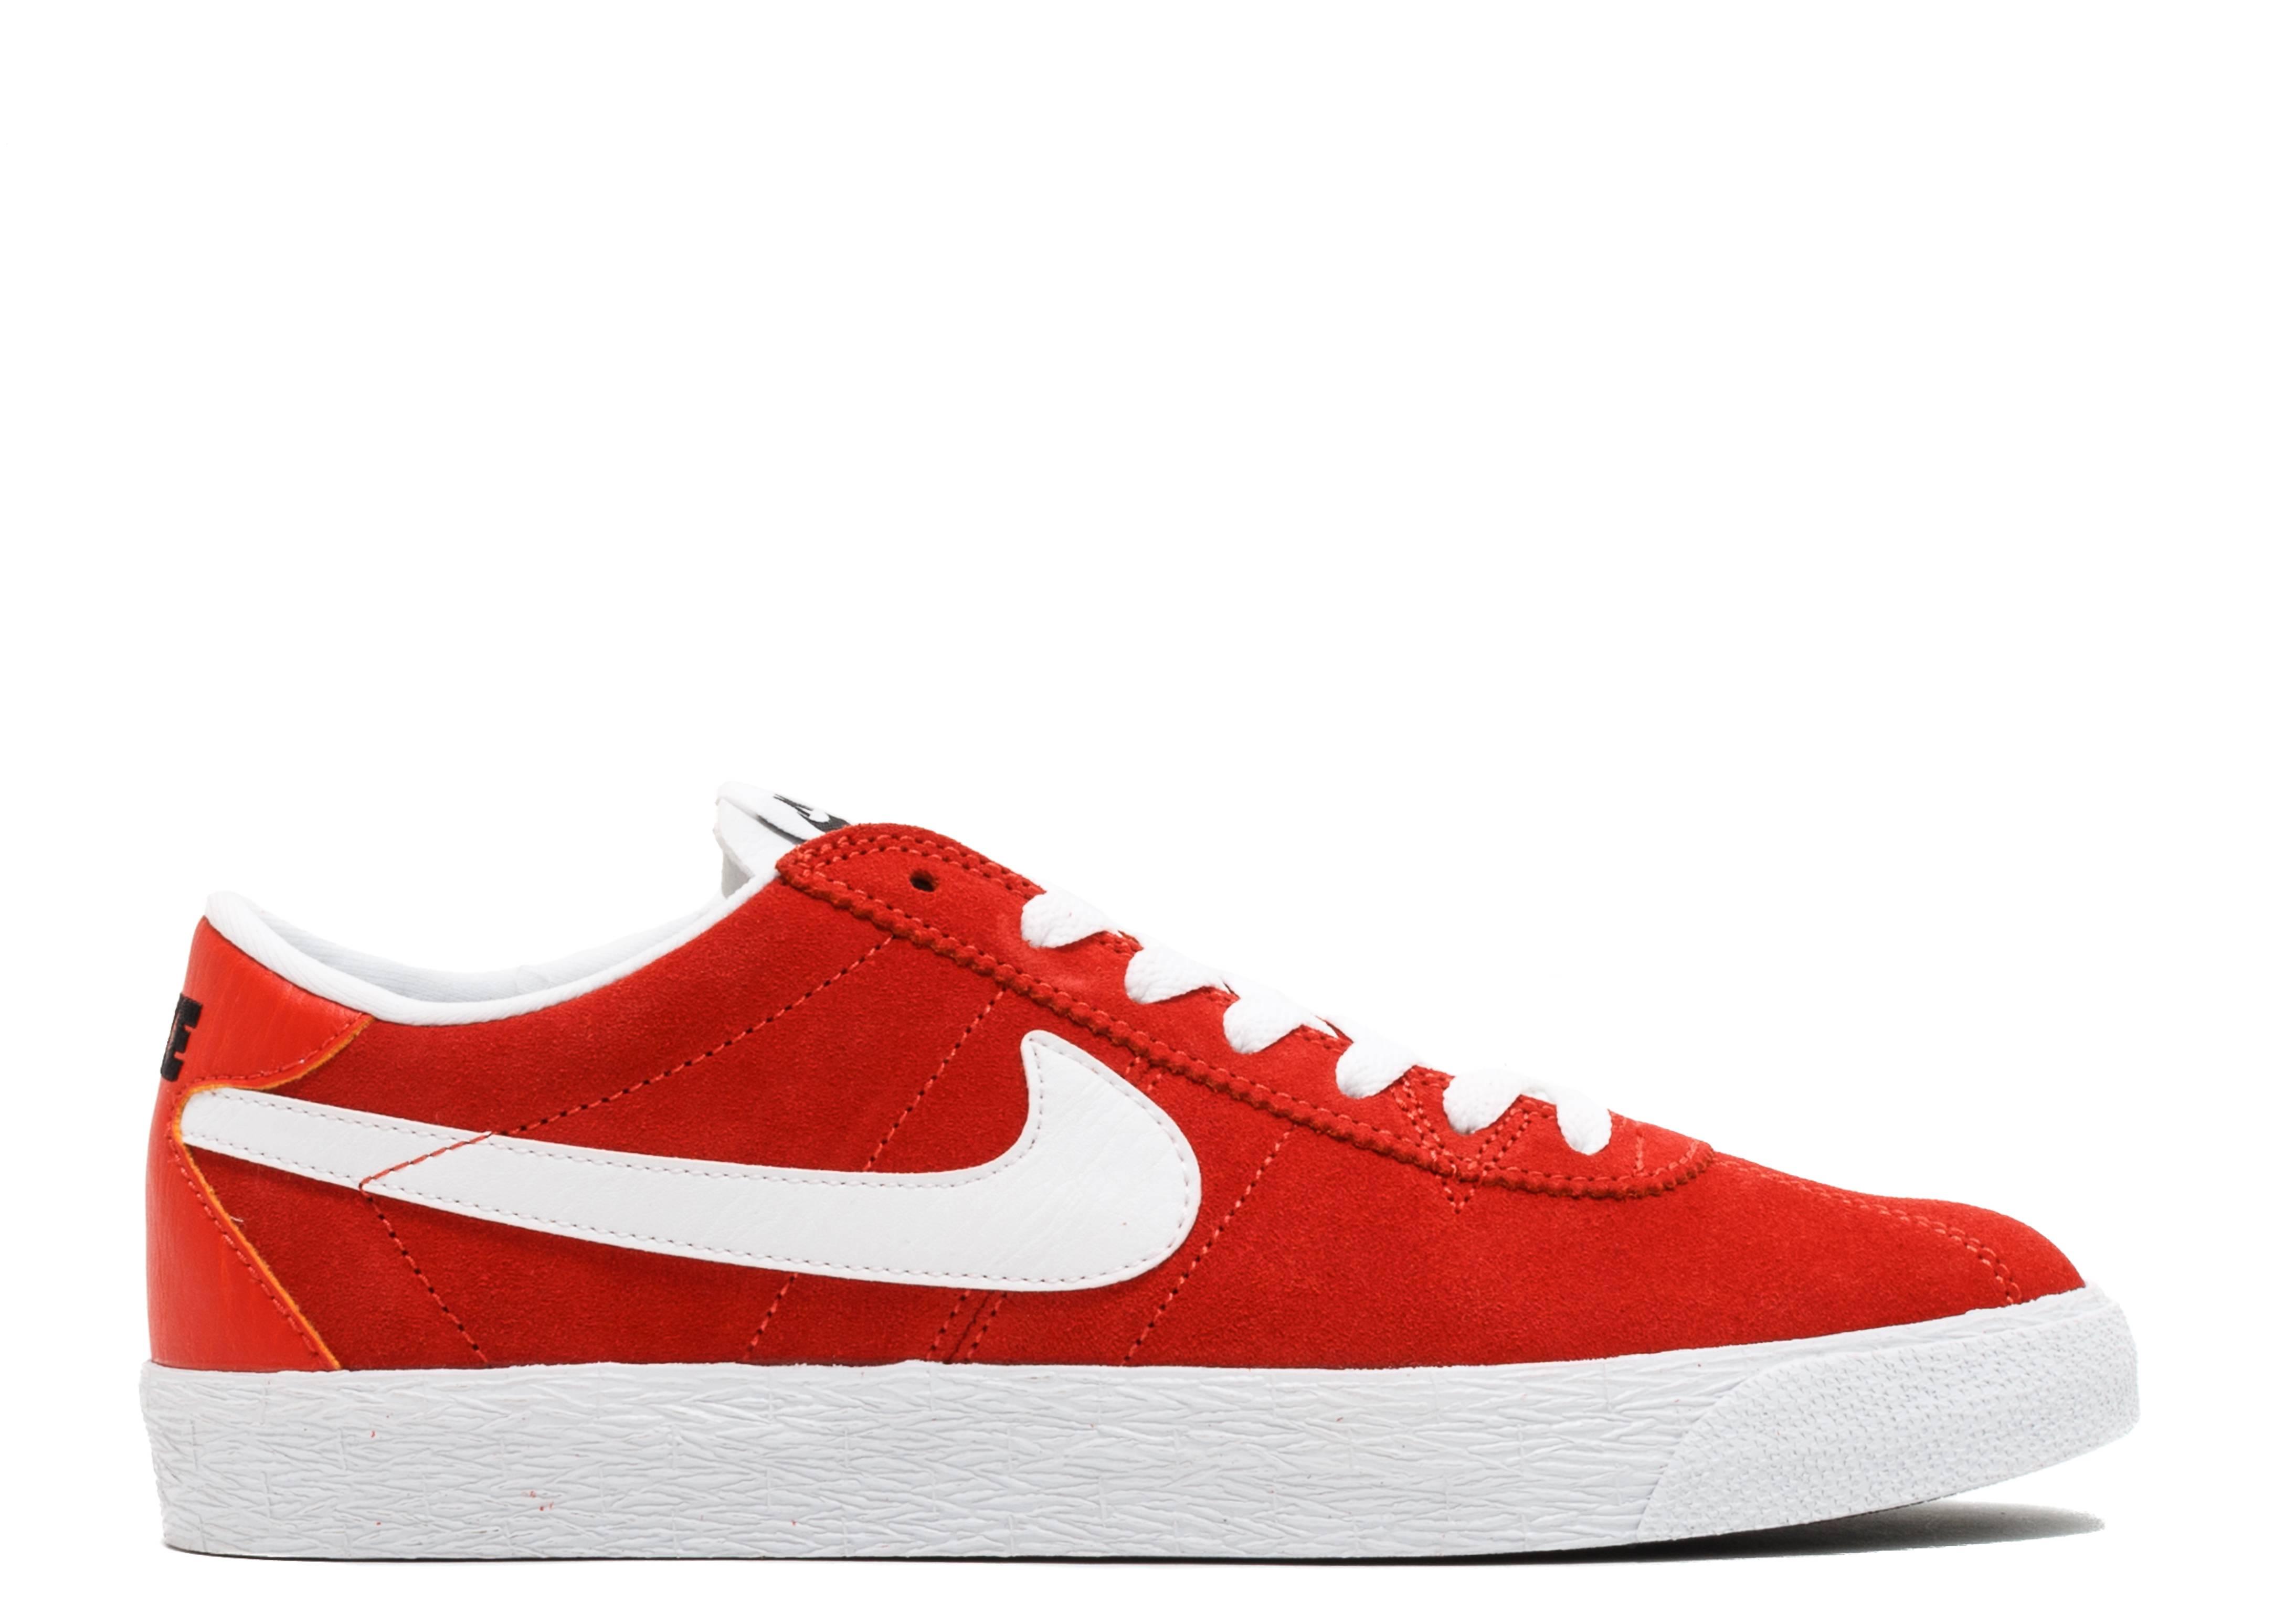 Nike Sb Bruin Zoom Prm Se - Nike - 877045 811 - max orange white ... 8eb7e4b5fb7d